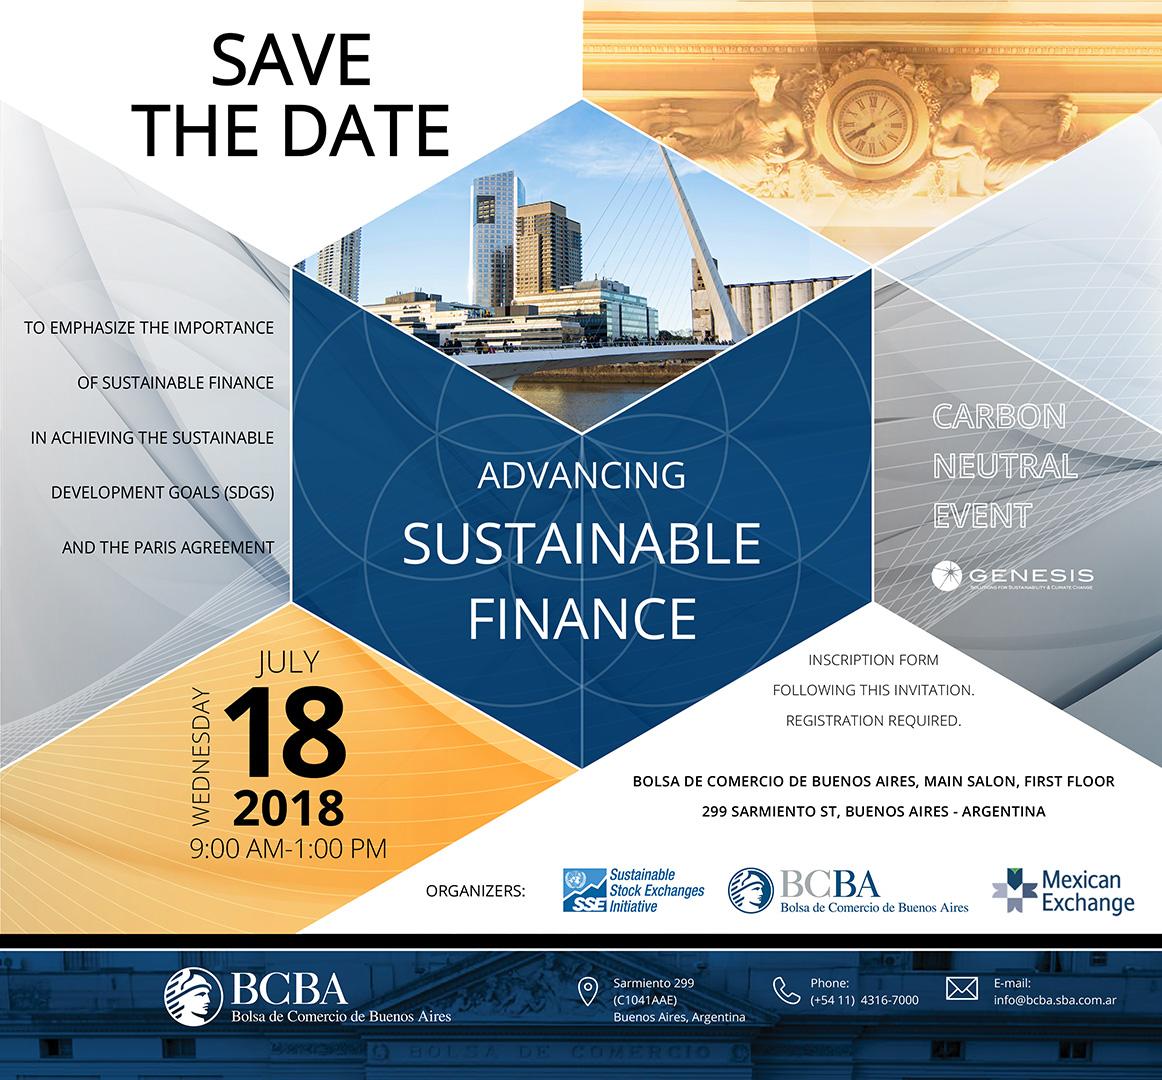 GENESIS organiza evento sobre Financiamiento Sostenible